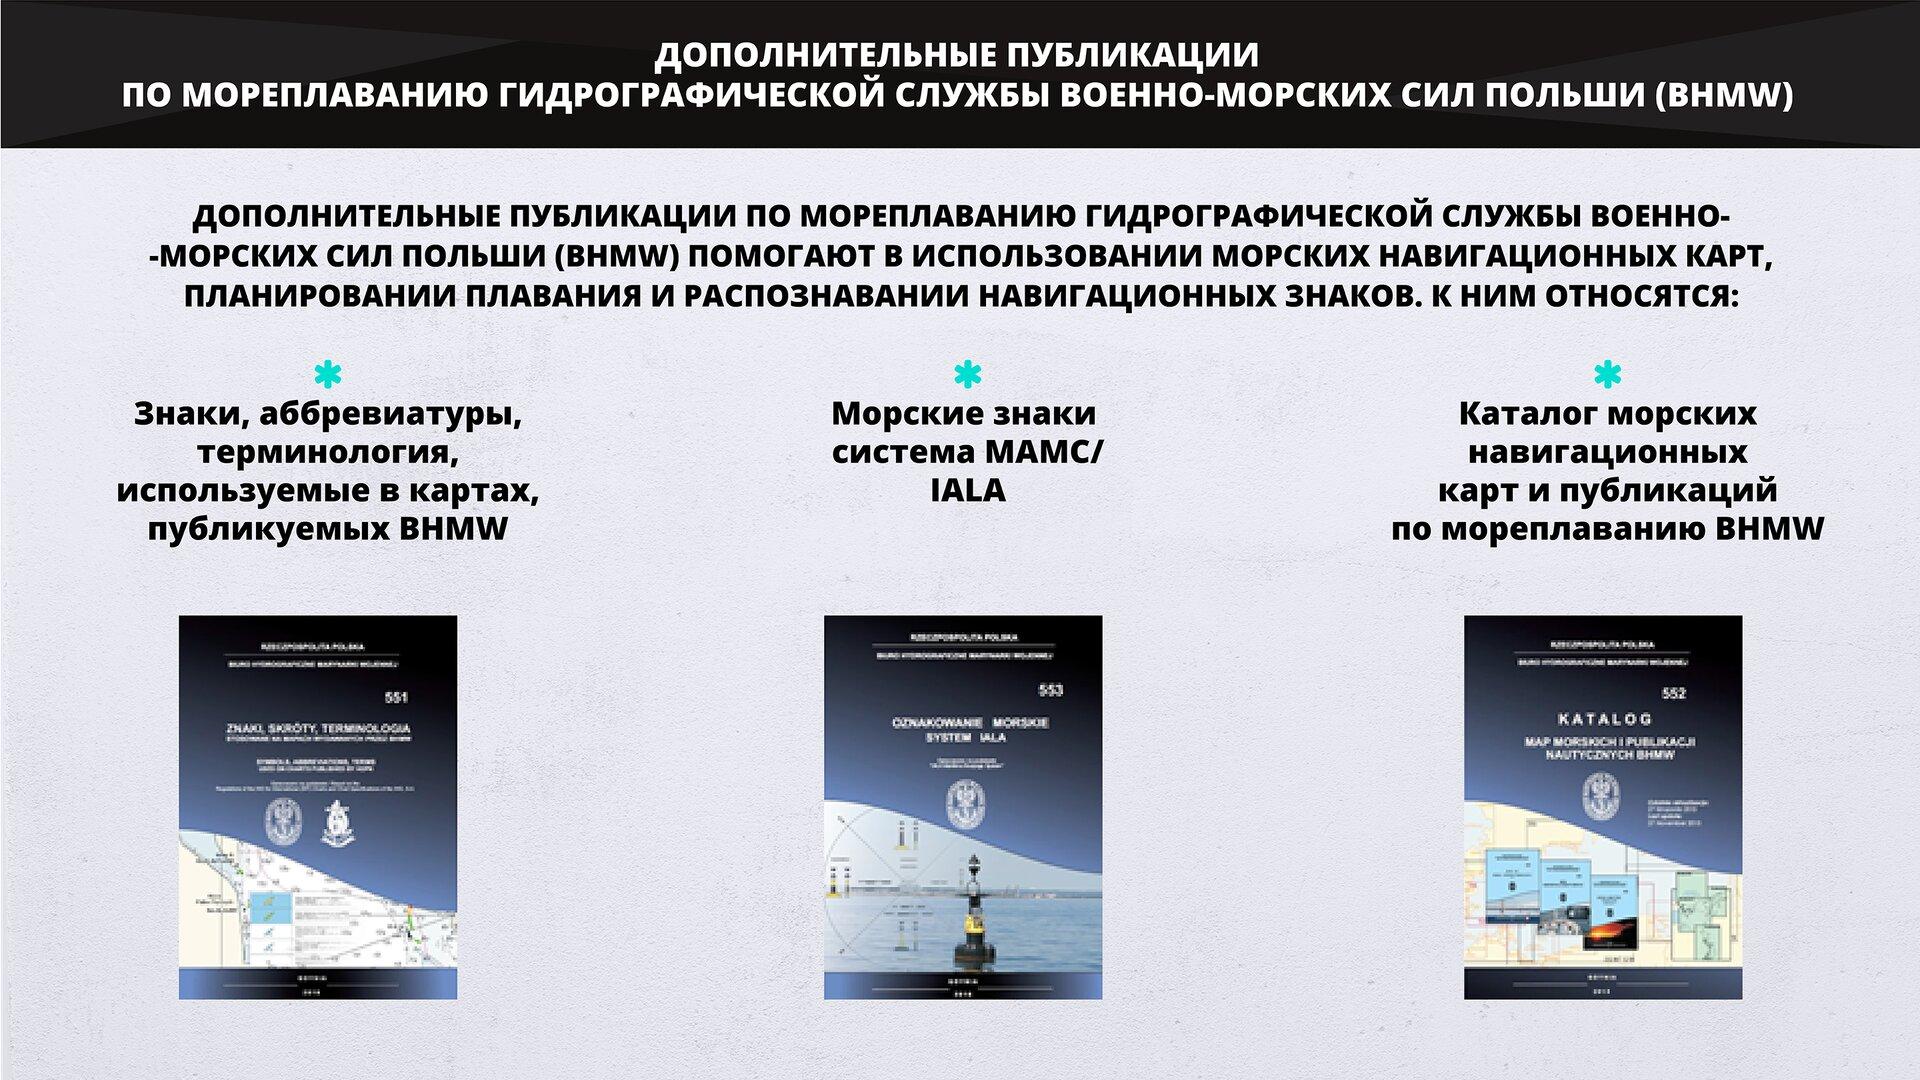 На фотографии представлены дополнительные публикации по мореплаванию Гидрографической службы военно-морских сил Польши (BHMW). Fotografia przedstawia dodatkowe publikacje nautyczne BHMW.